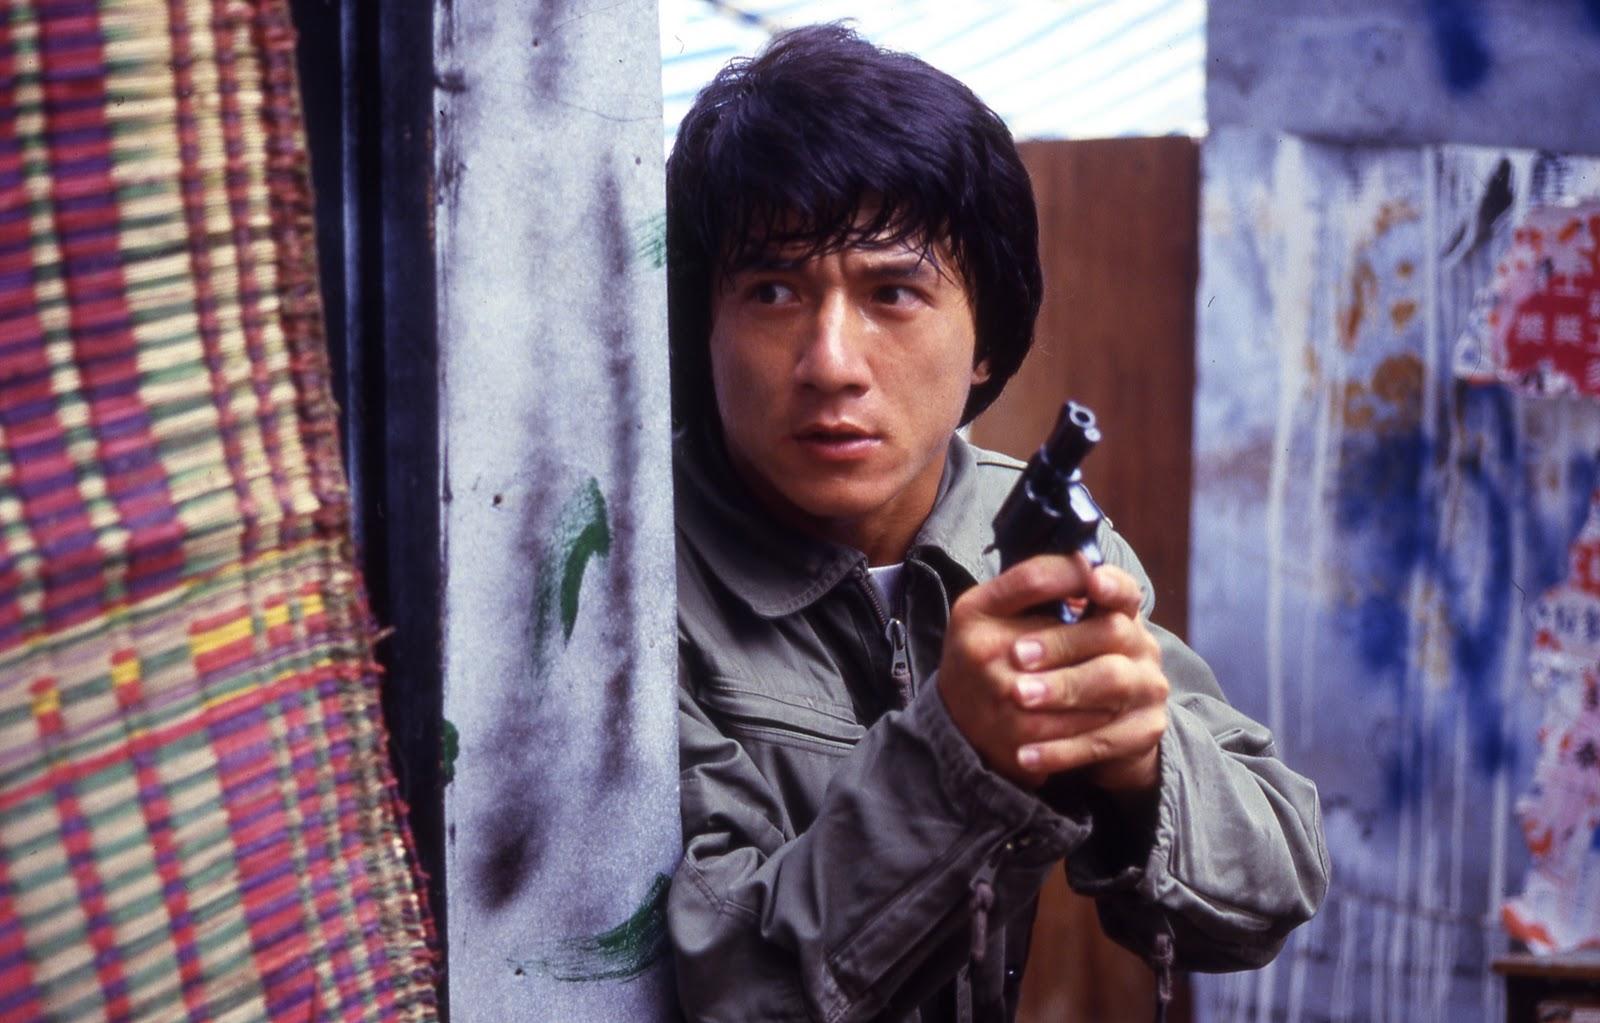 7 Film Jackie Chan Terbaik Dan Terpopuler Infoakuratcom